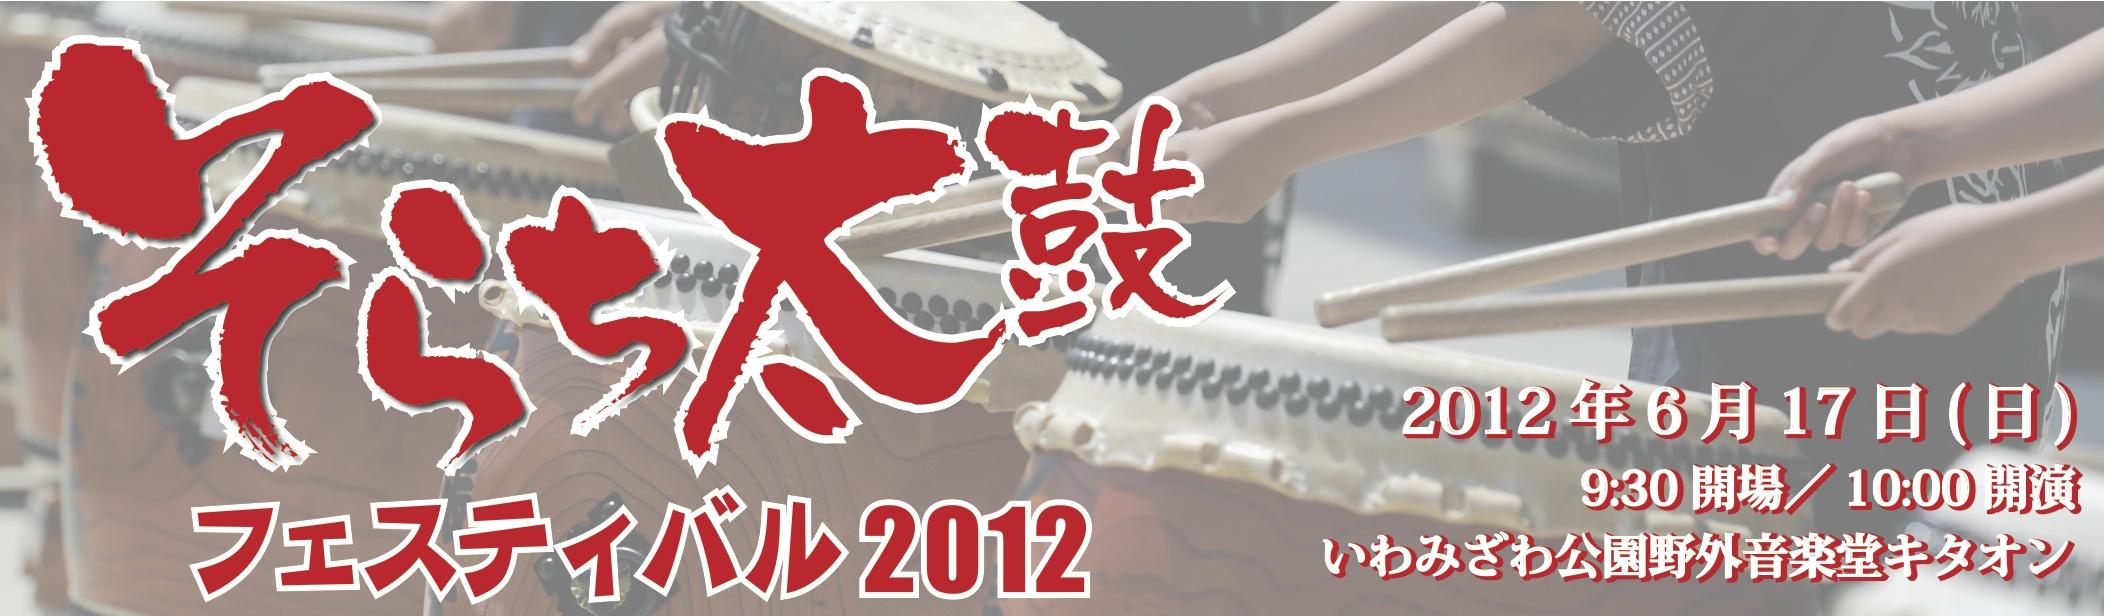 そらち太鼓フェスティバル2012